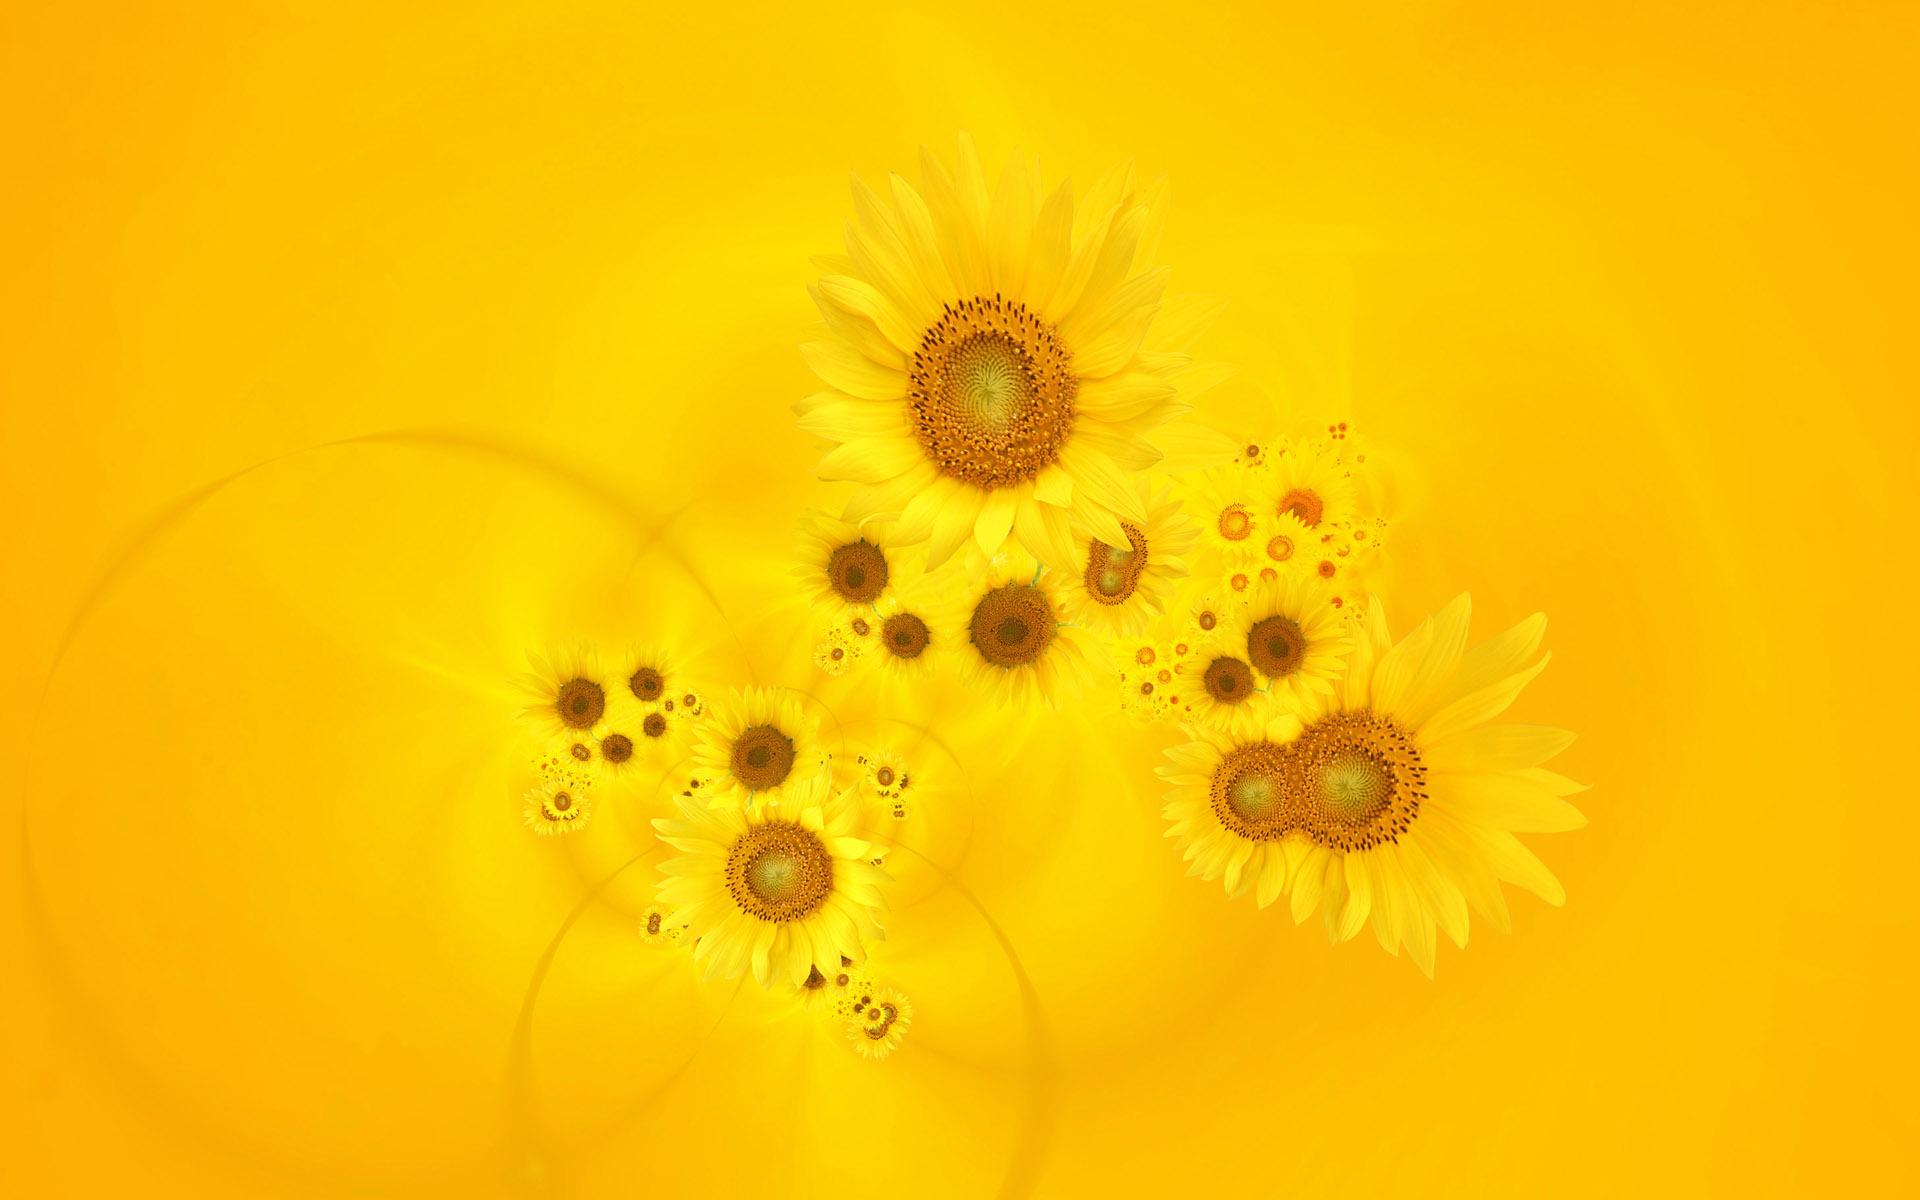 Wallpaper 4k Bright Yellow Sunflowers Bright Gerbera Sunflowers